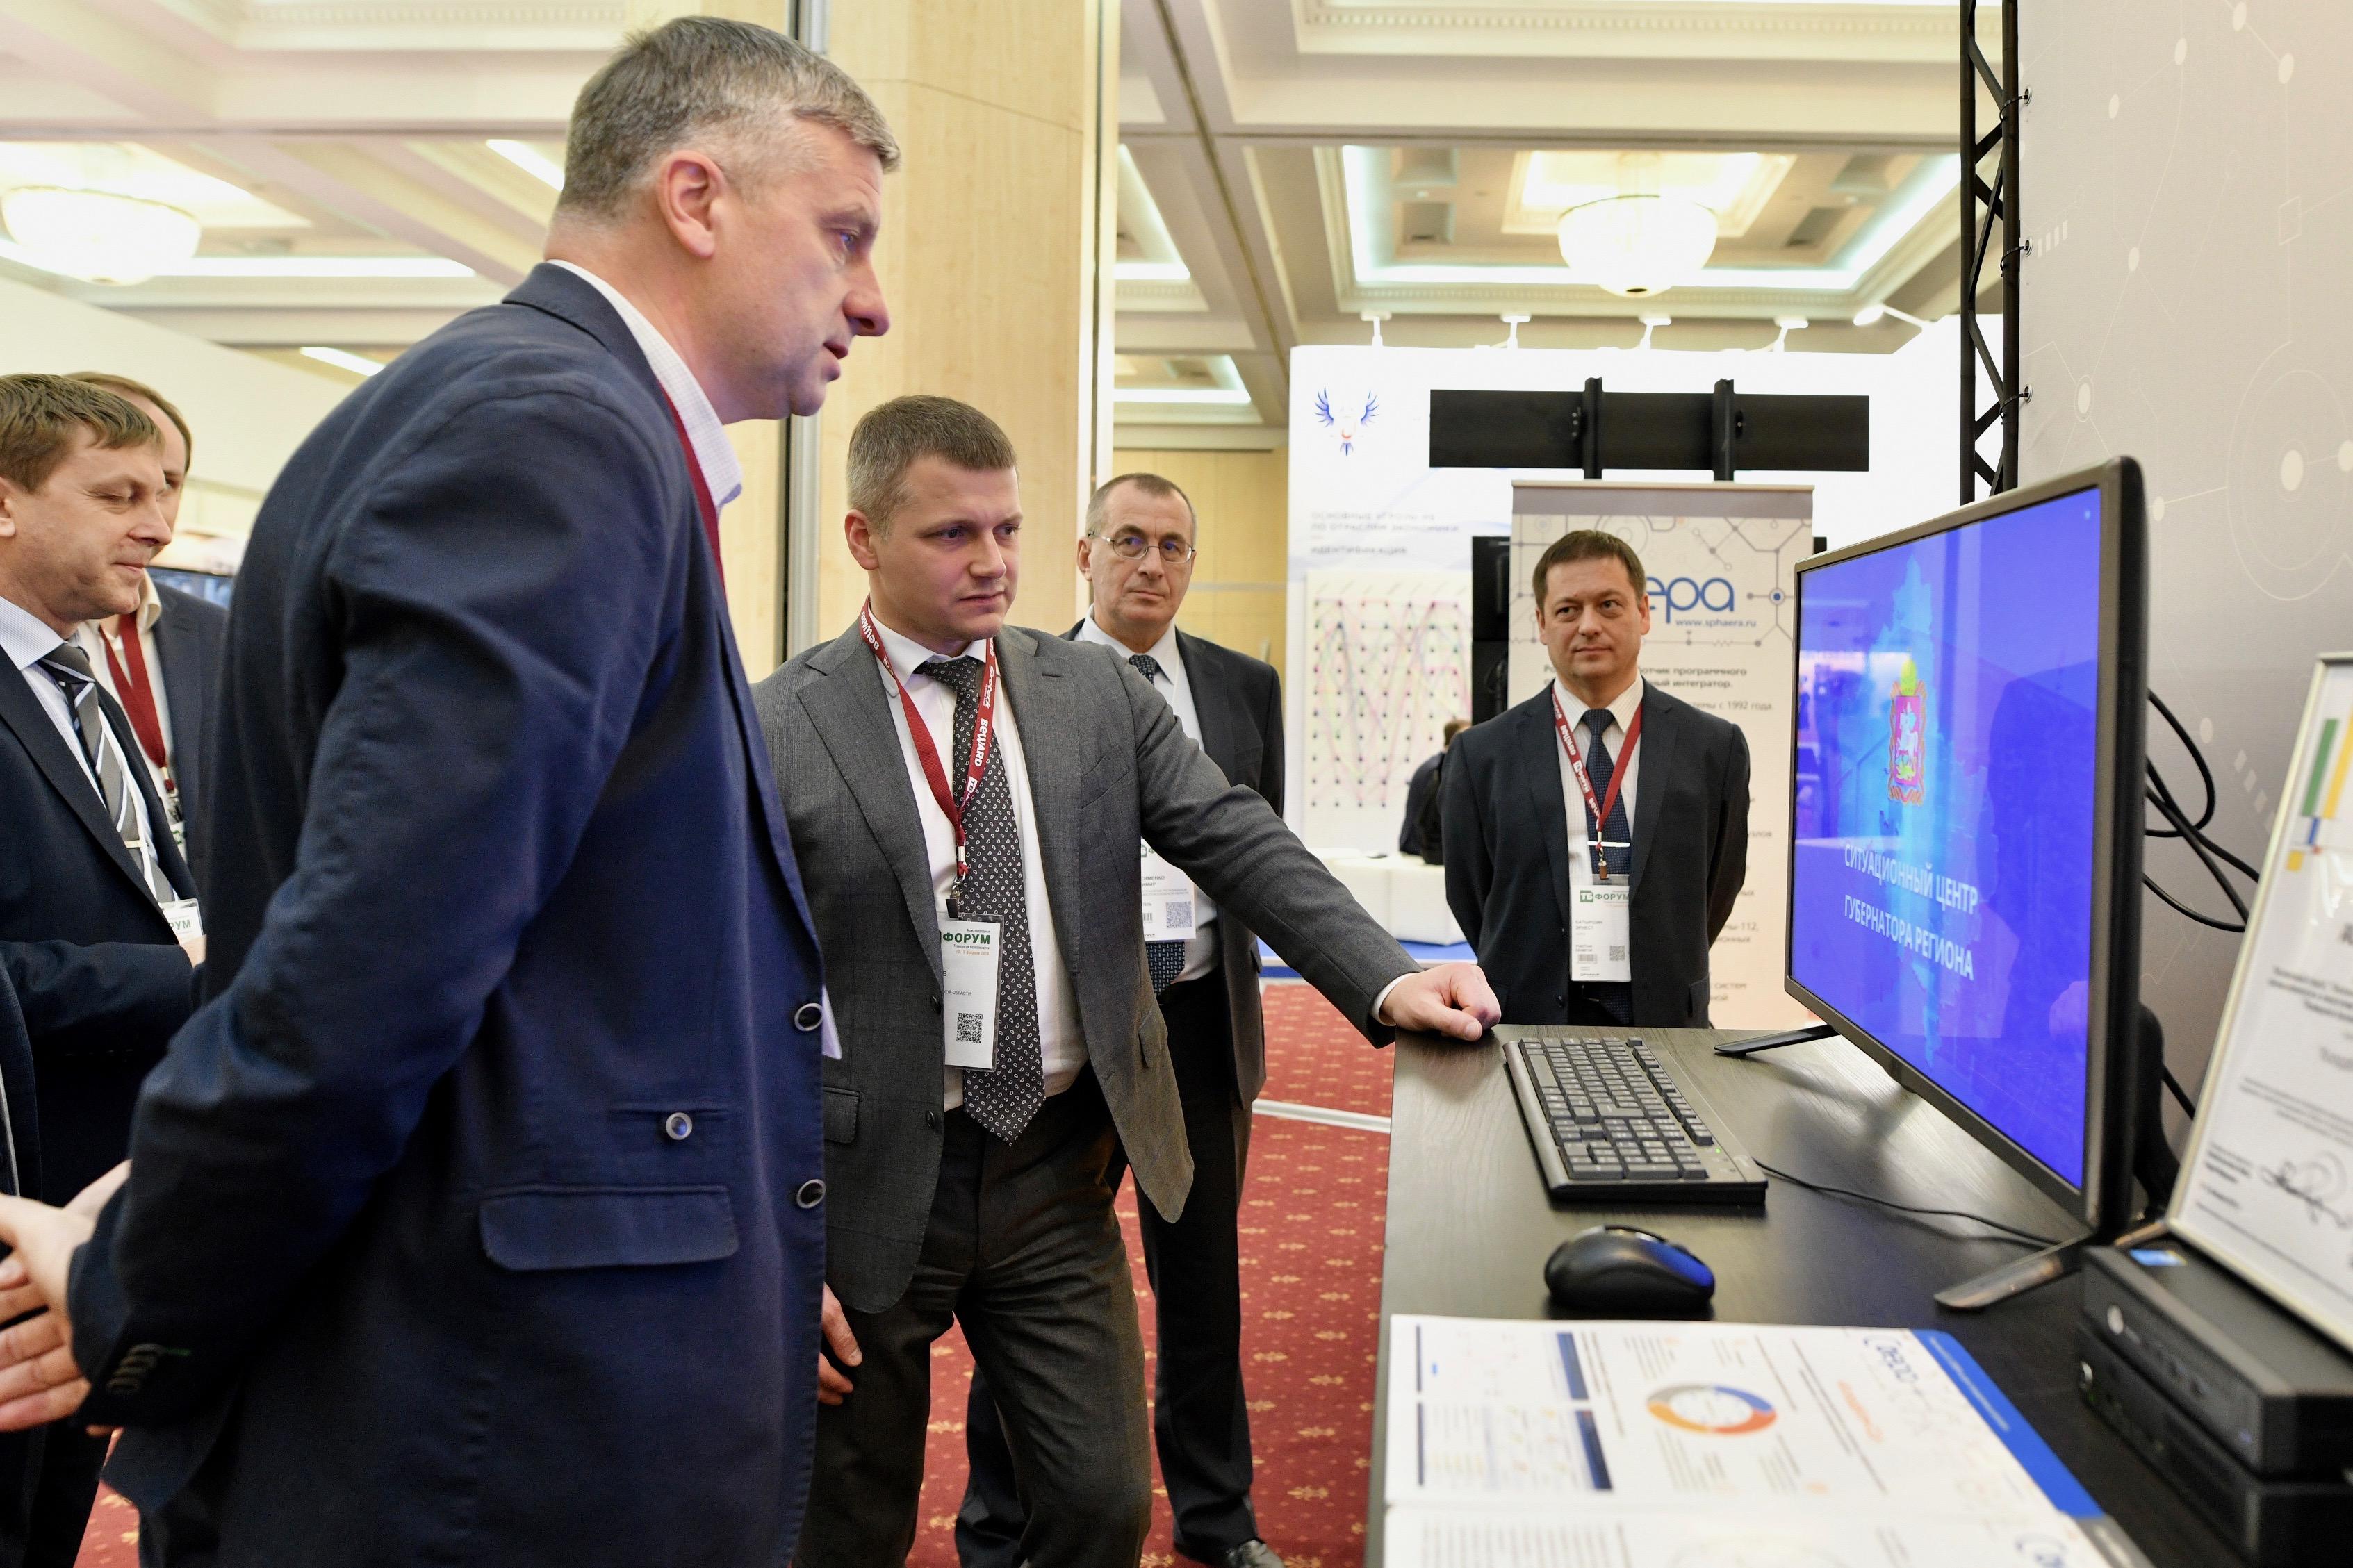 Руководители российских регионов приезжают на ТБ Форум за технологиями для безопасного и умного города